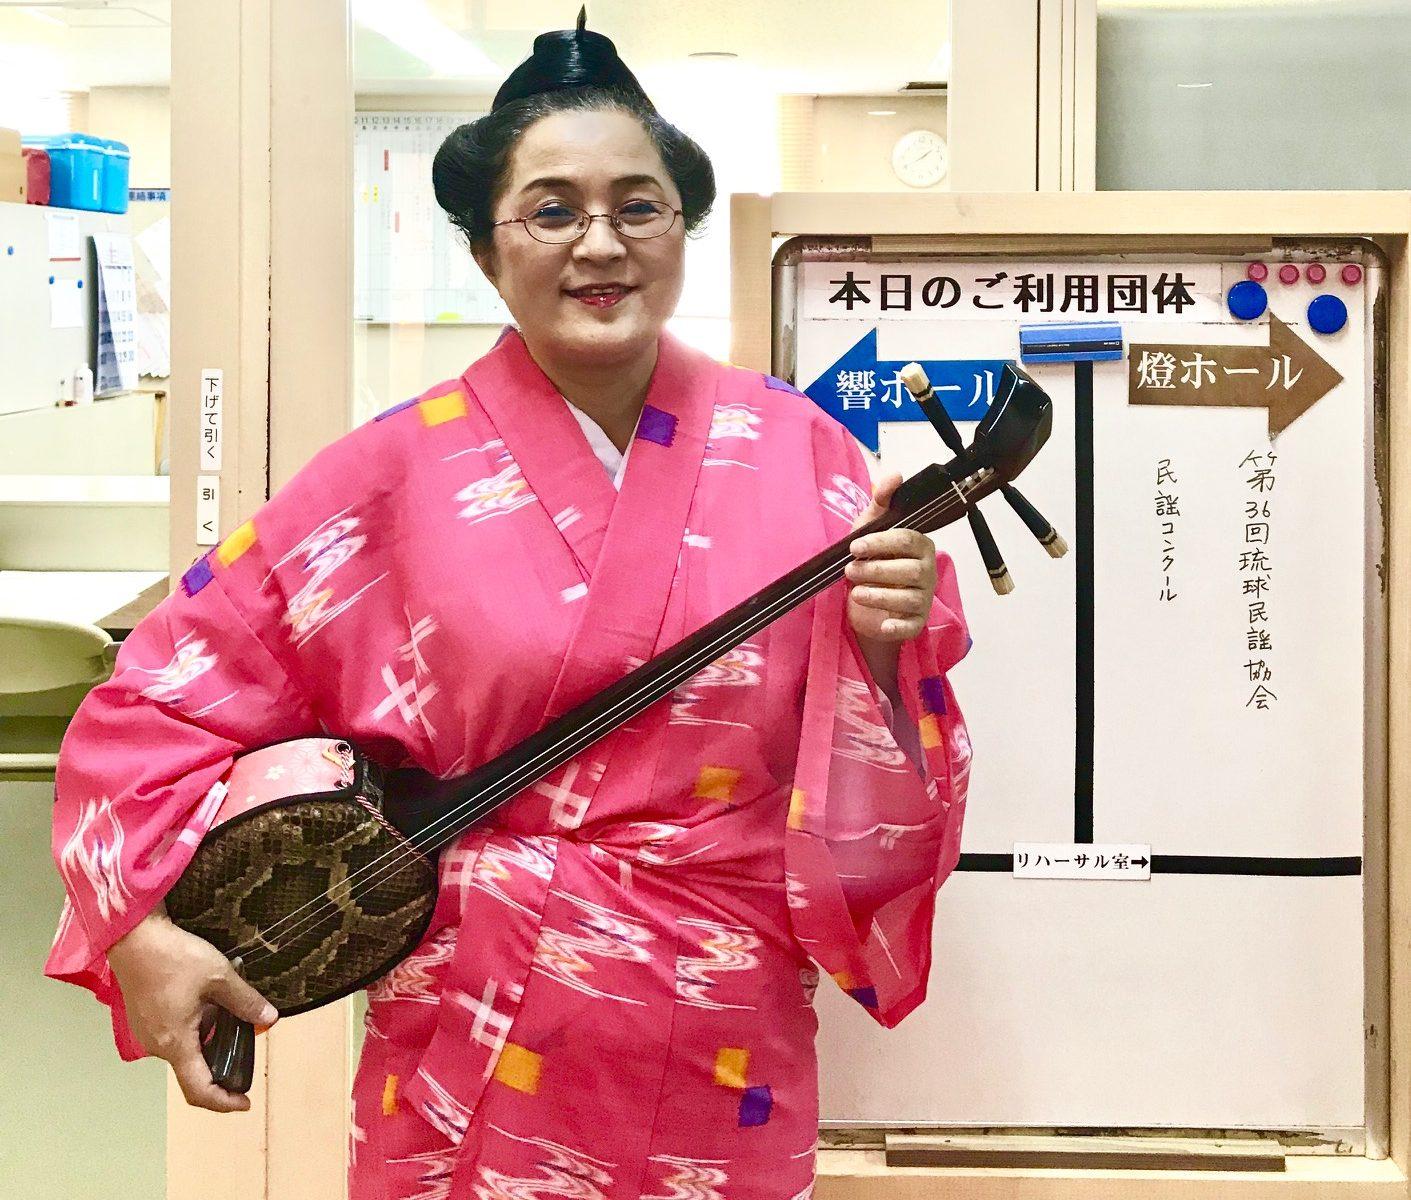 琉球民謡協会コンクール当日、本番前の記念撮影